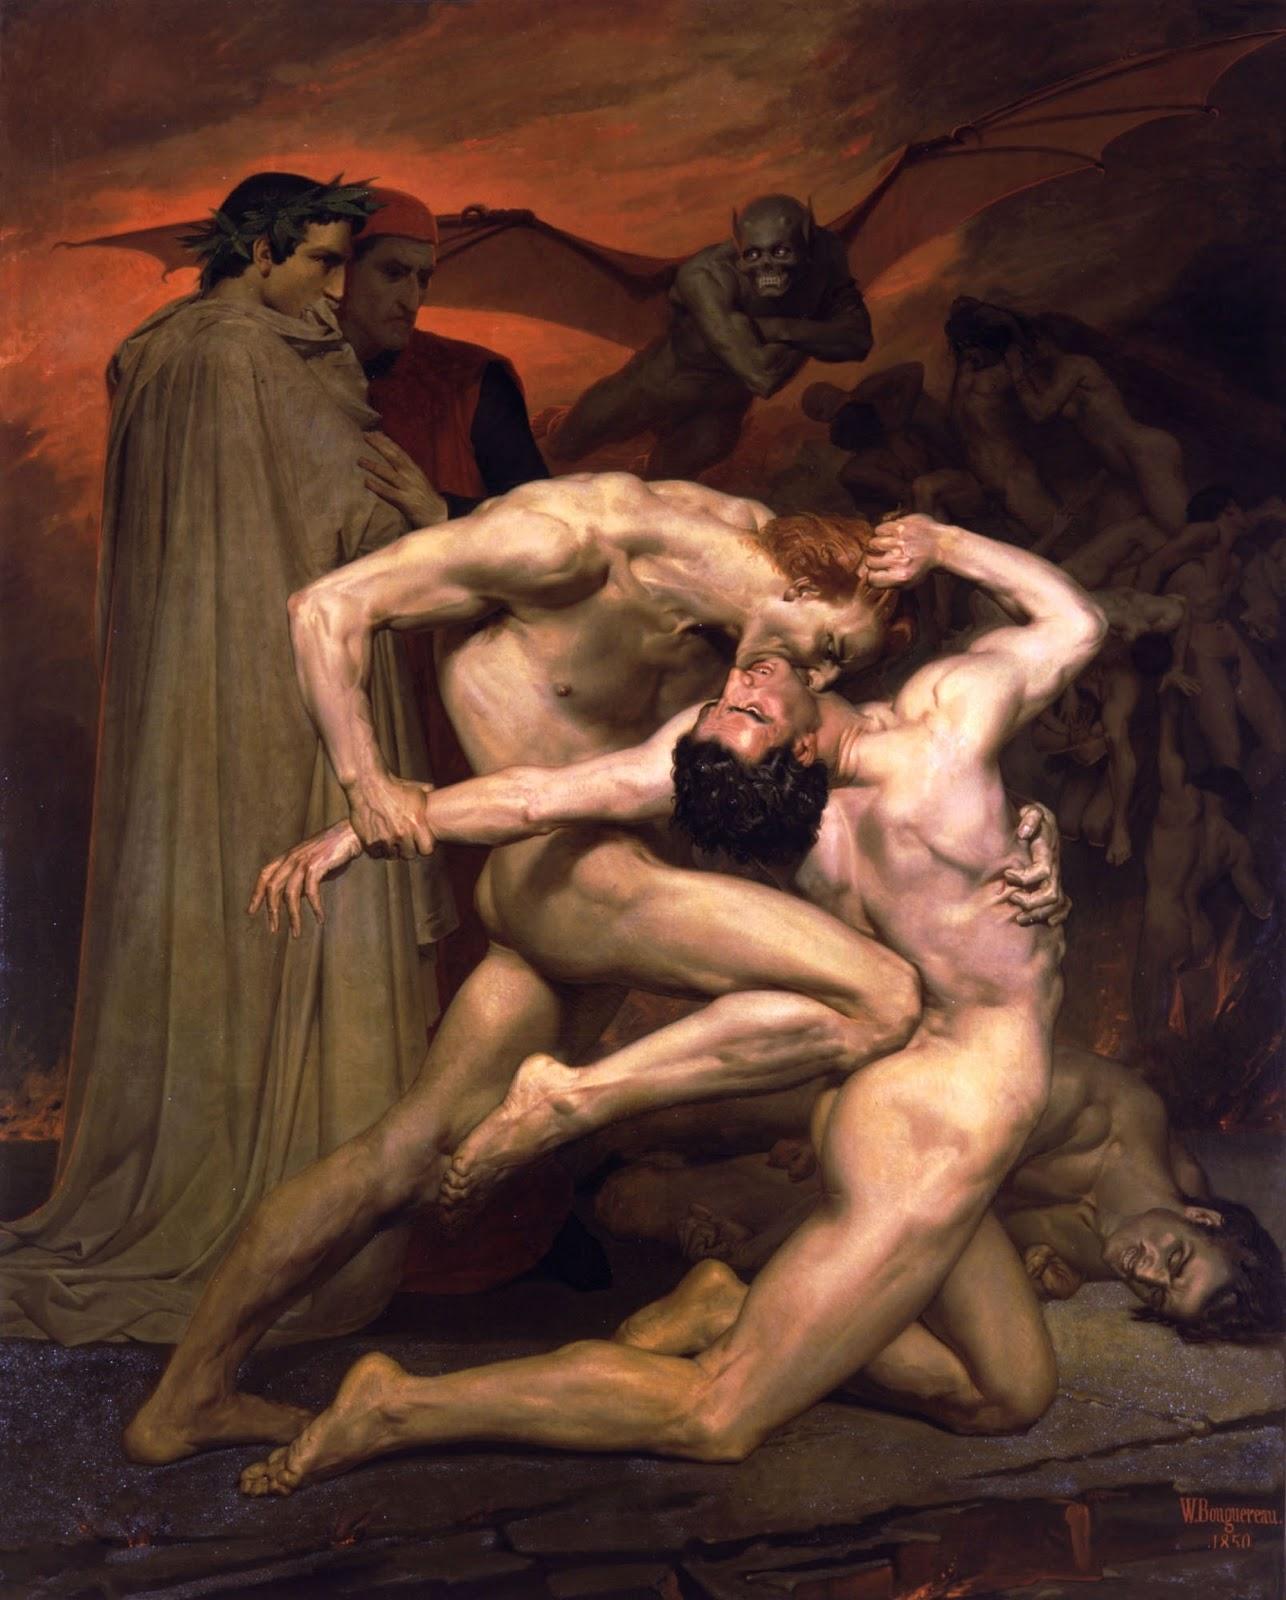 Dante e Virgílio no Inferno. 1850. Óleo sobre tela -  225 x 281 cm